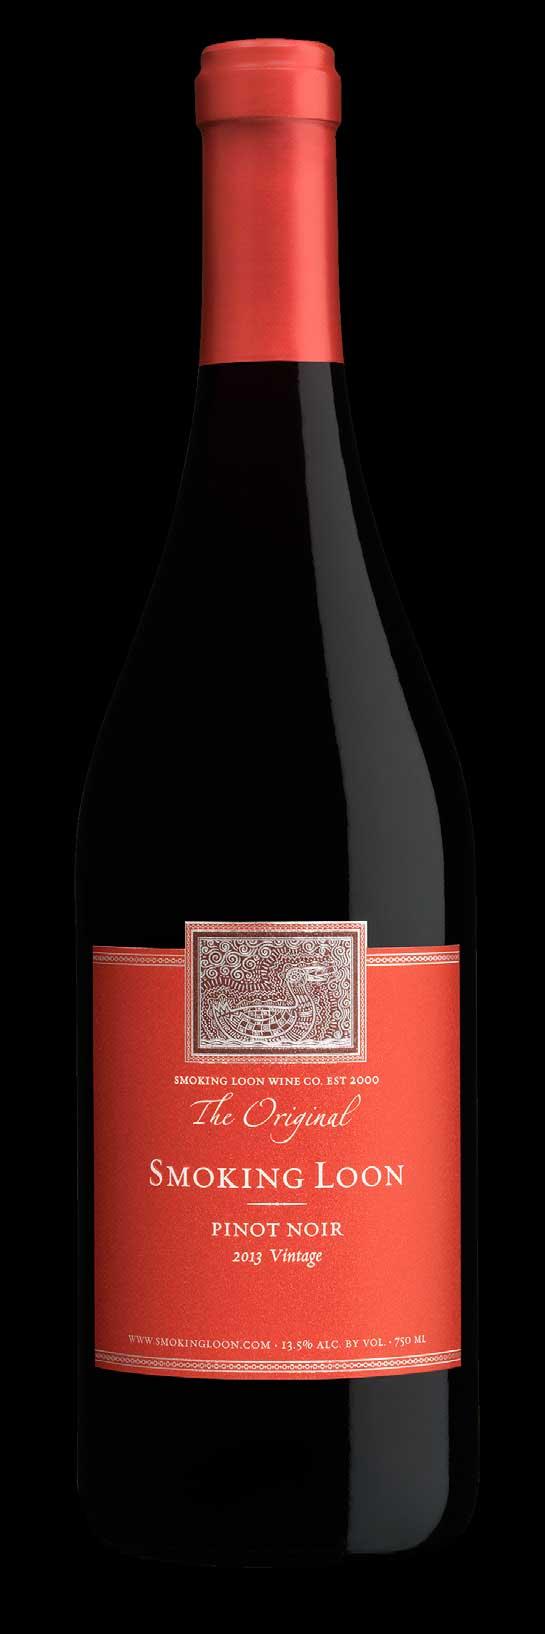 Pinot Noir ( Smoking Loon Wine ) 2011